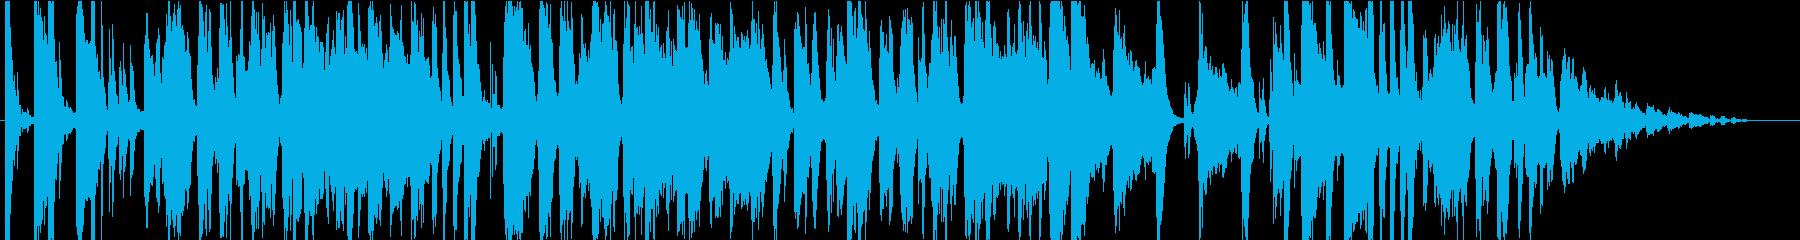 ショッピングをイメージ うきうきポップの再生済みの波形